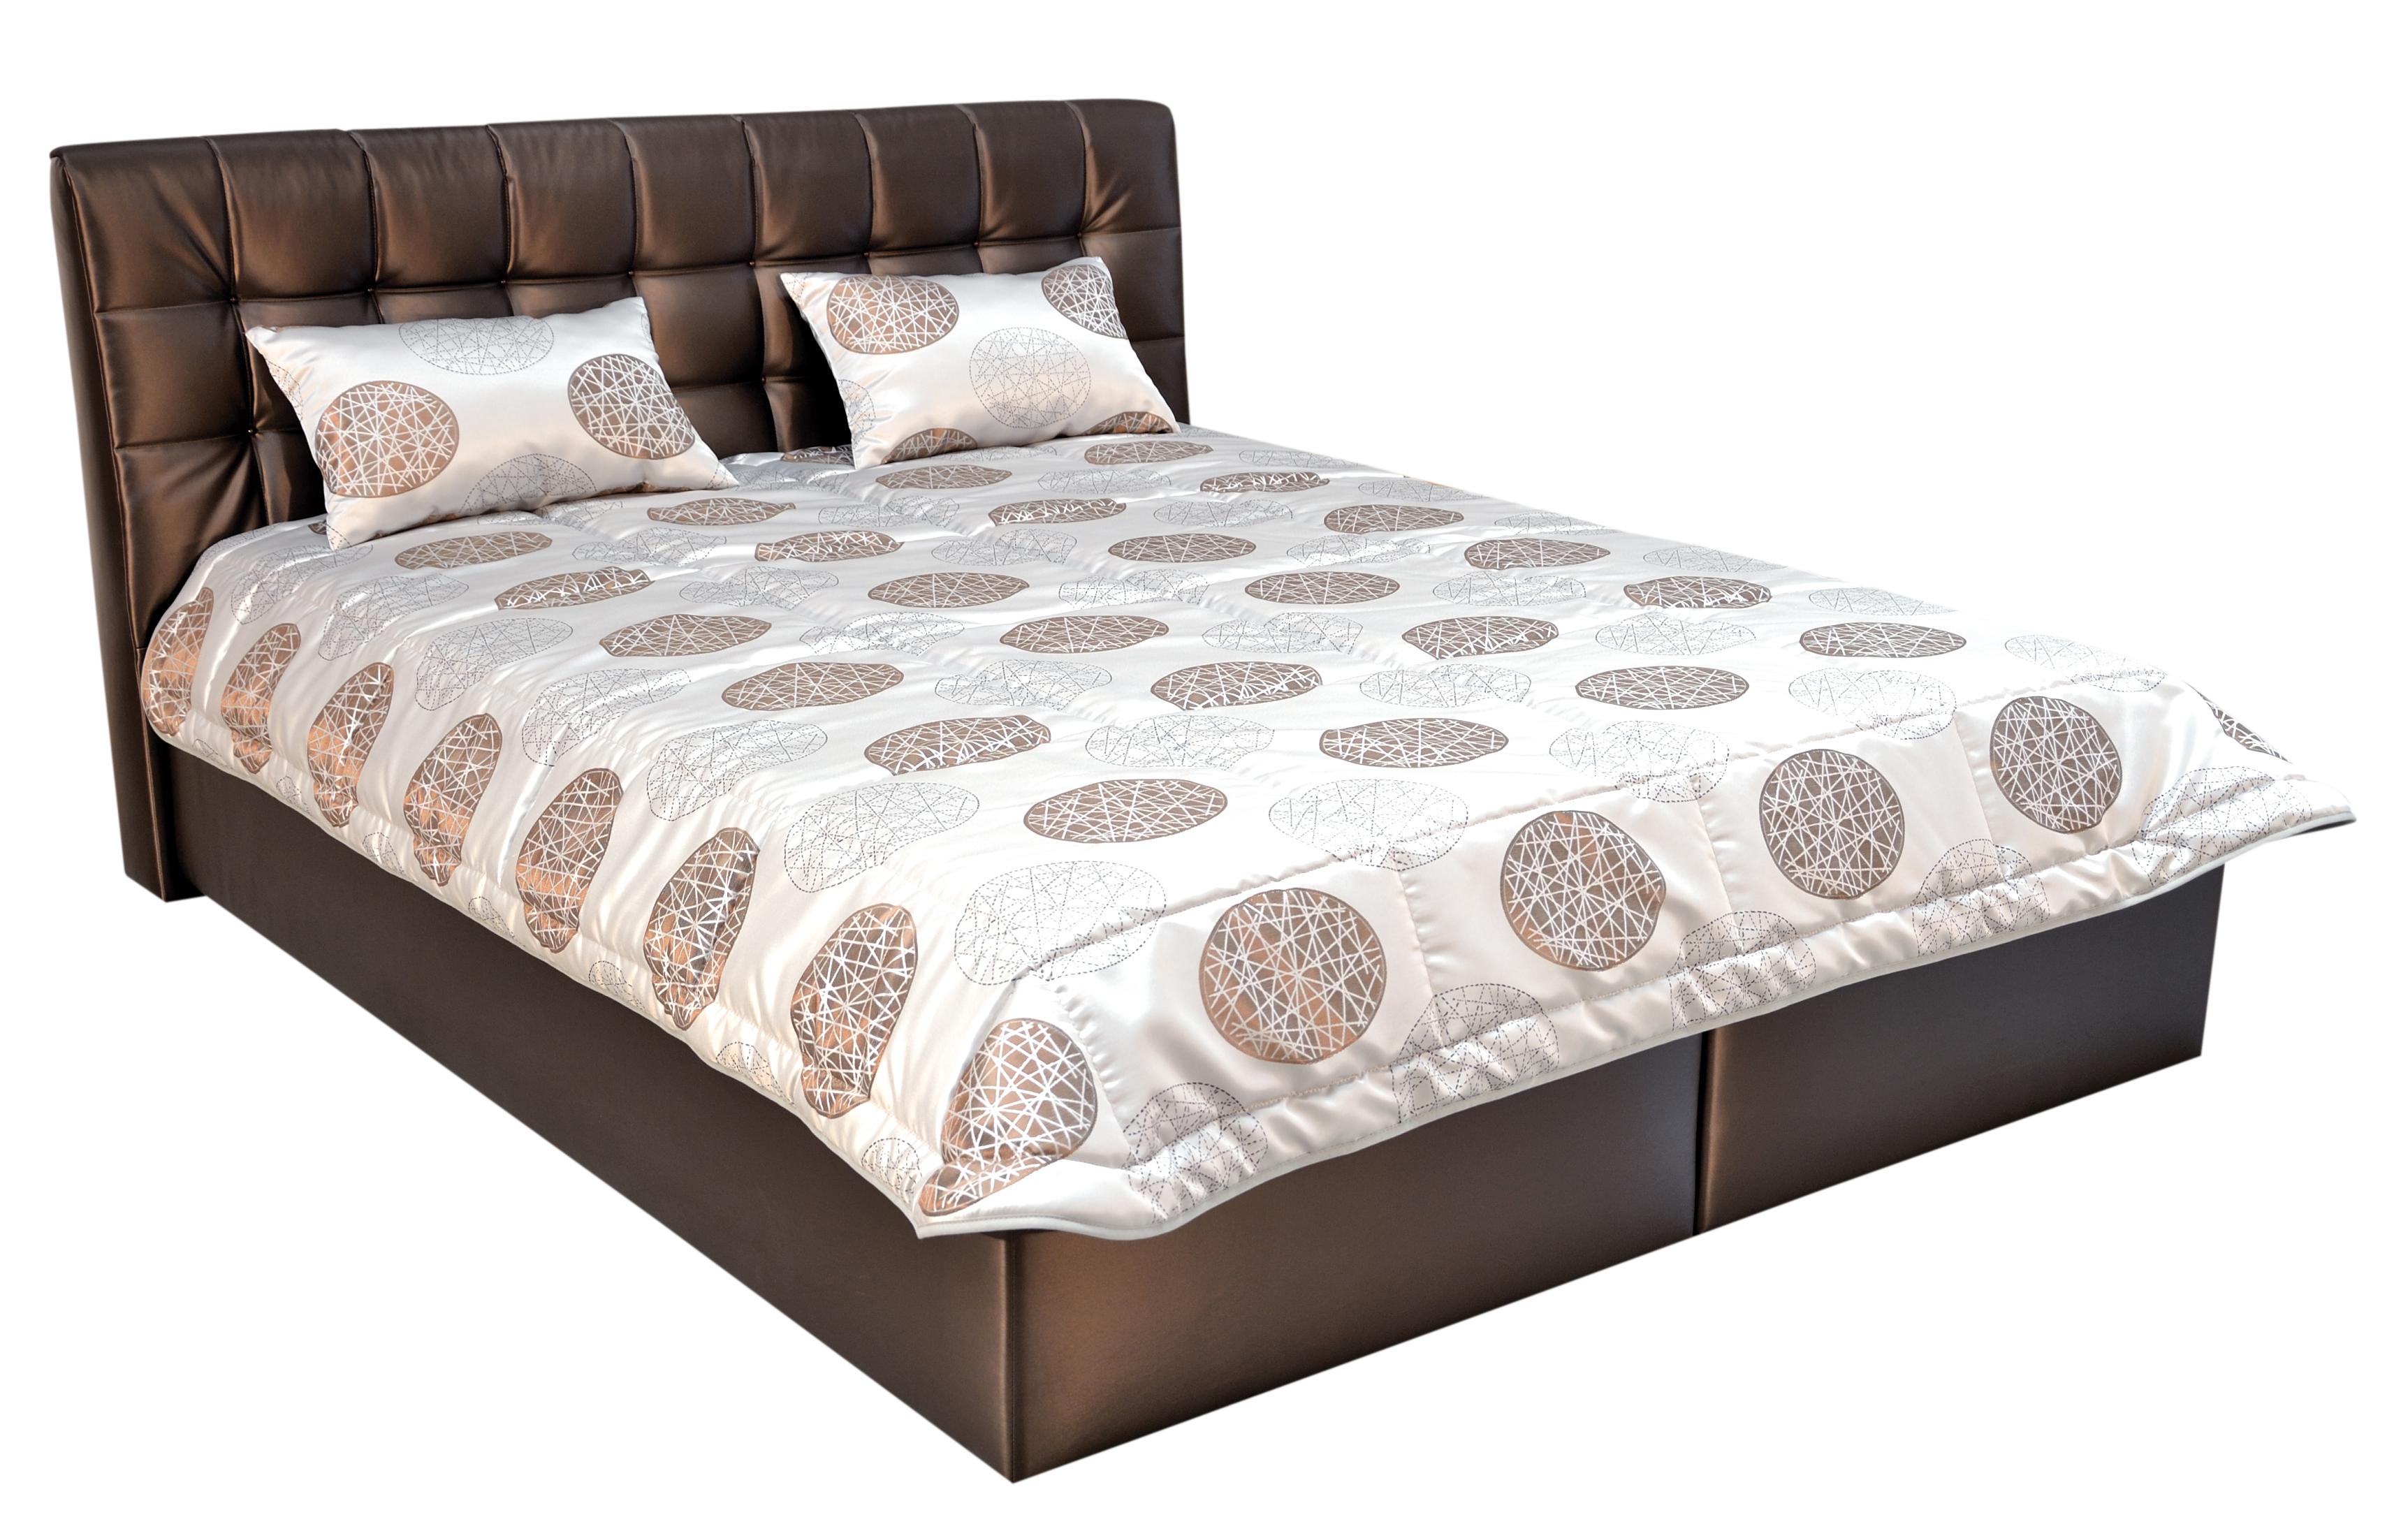 Manželská postel 160 cm - Blanář - Alberta (s rošty a matracemi)